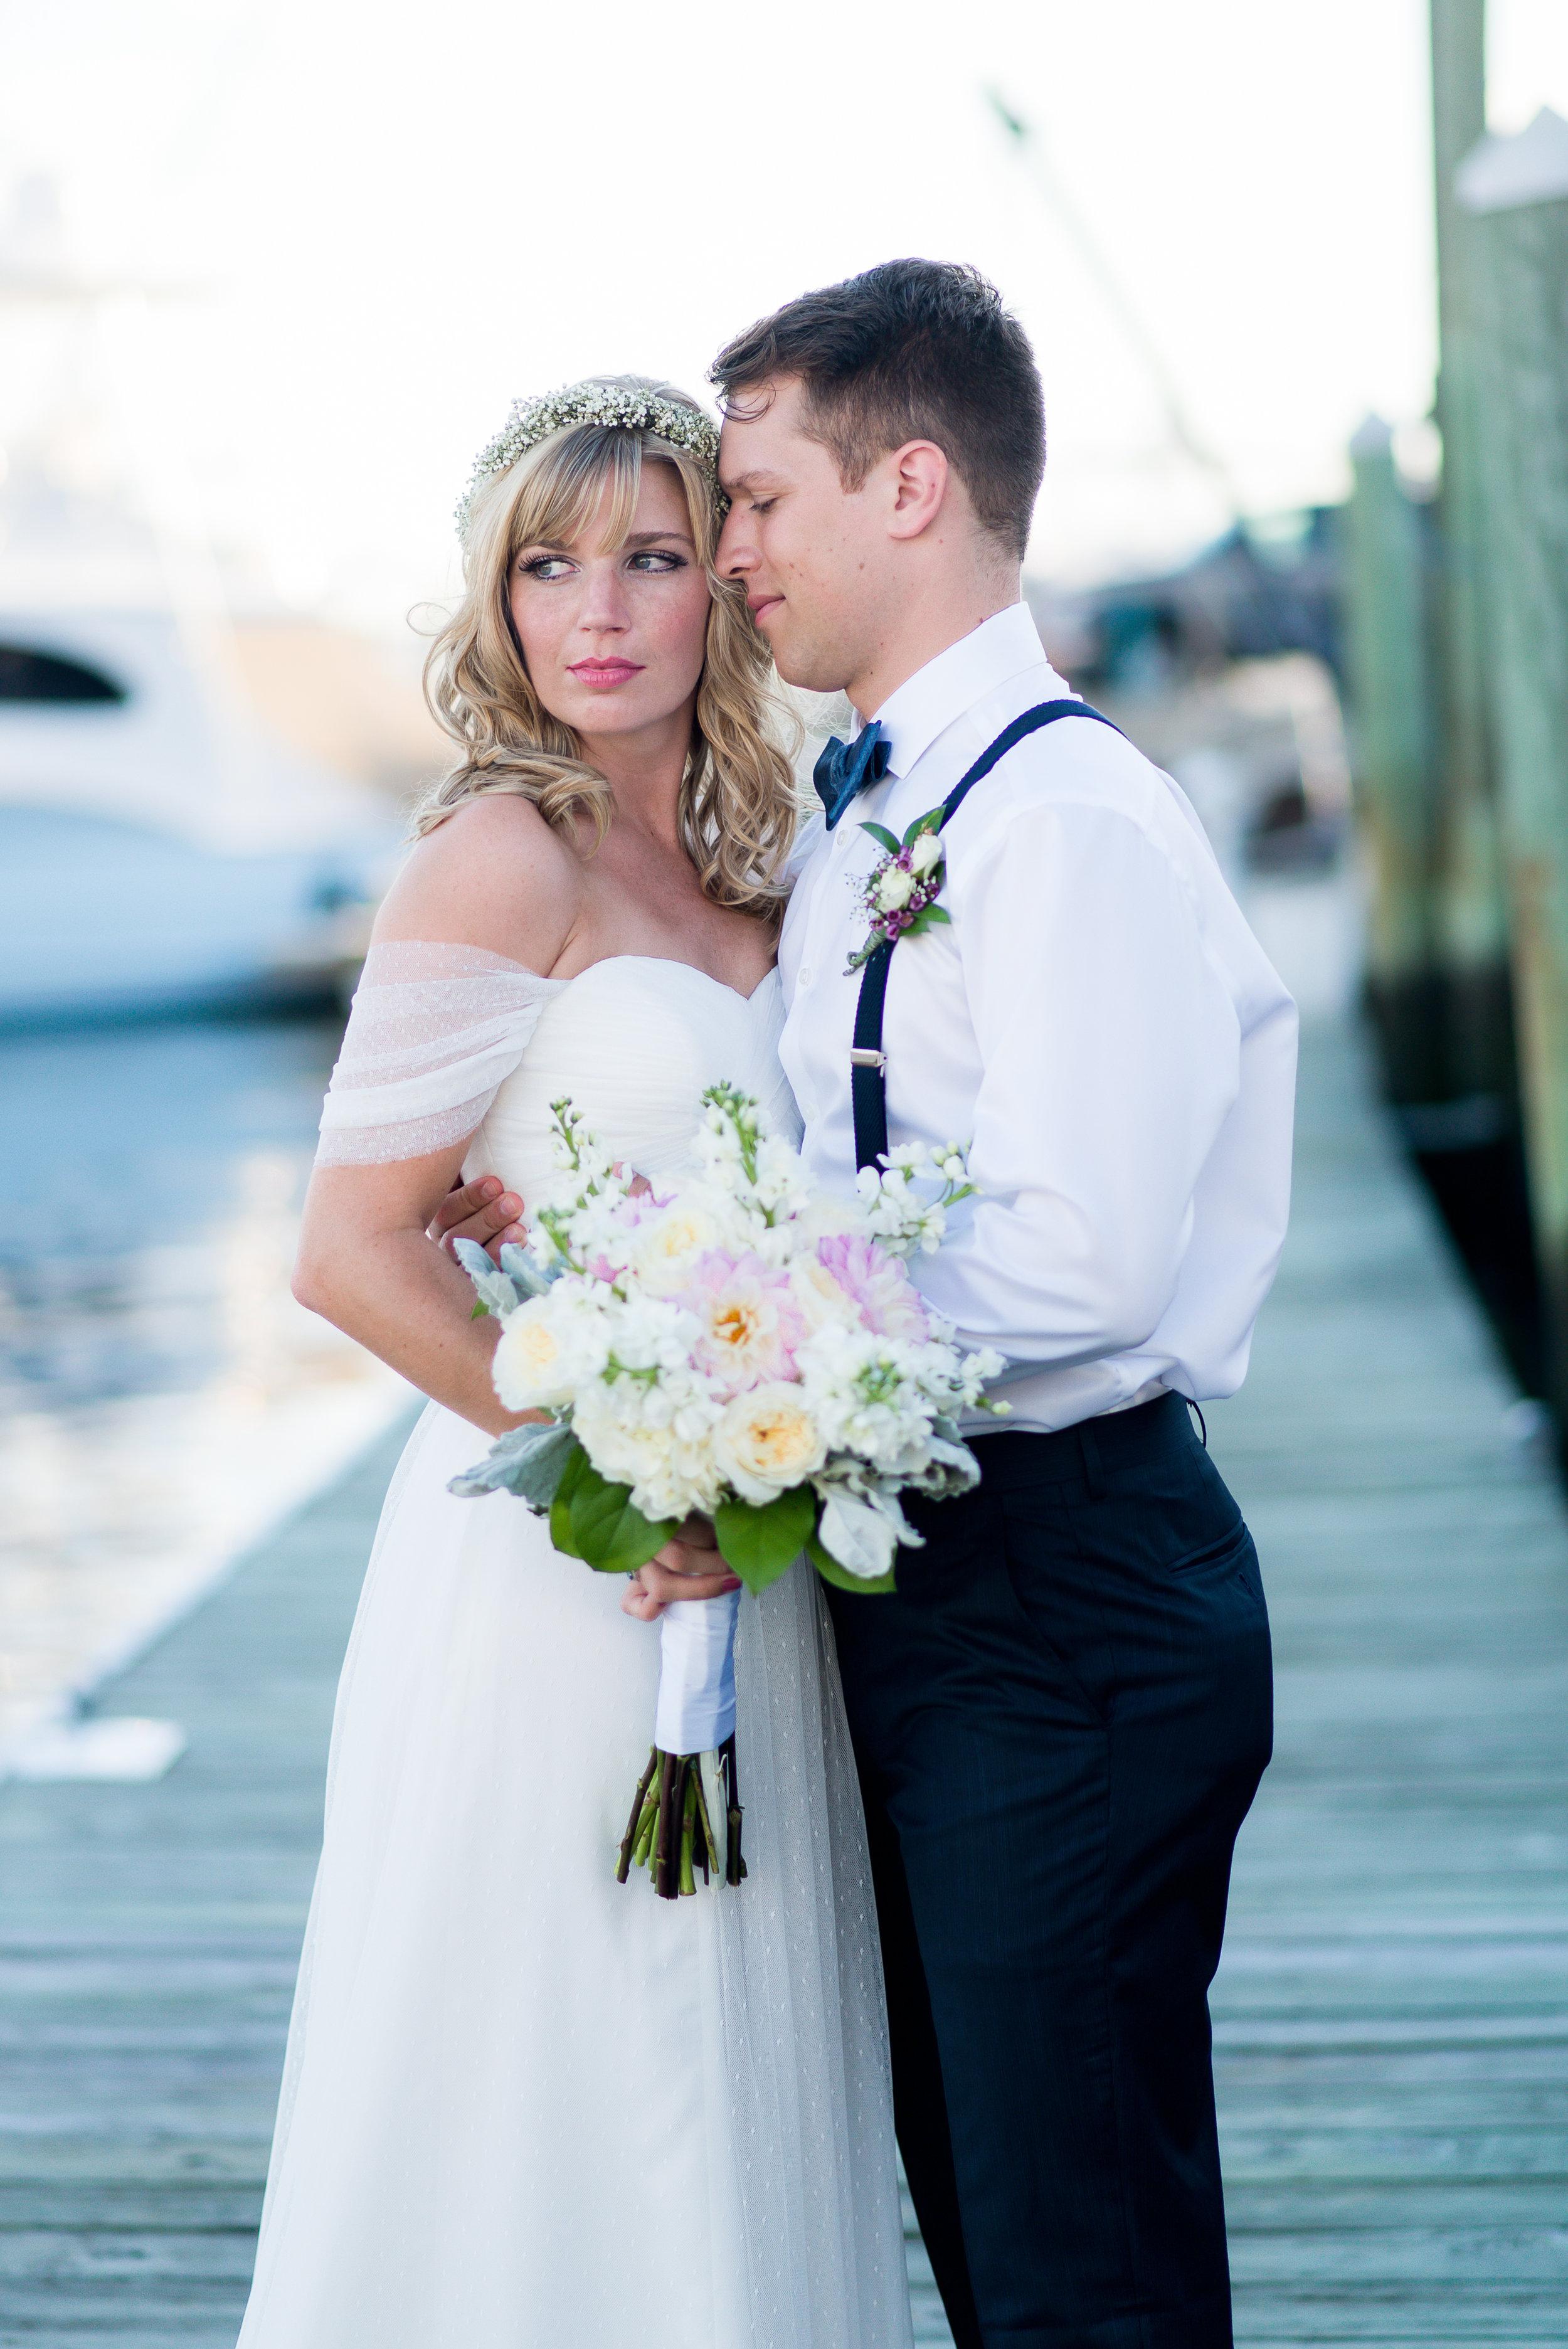 Laura + Joel | Married0771.jpg